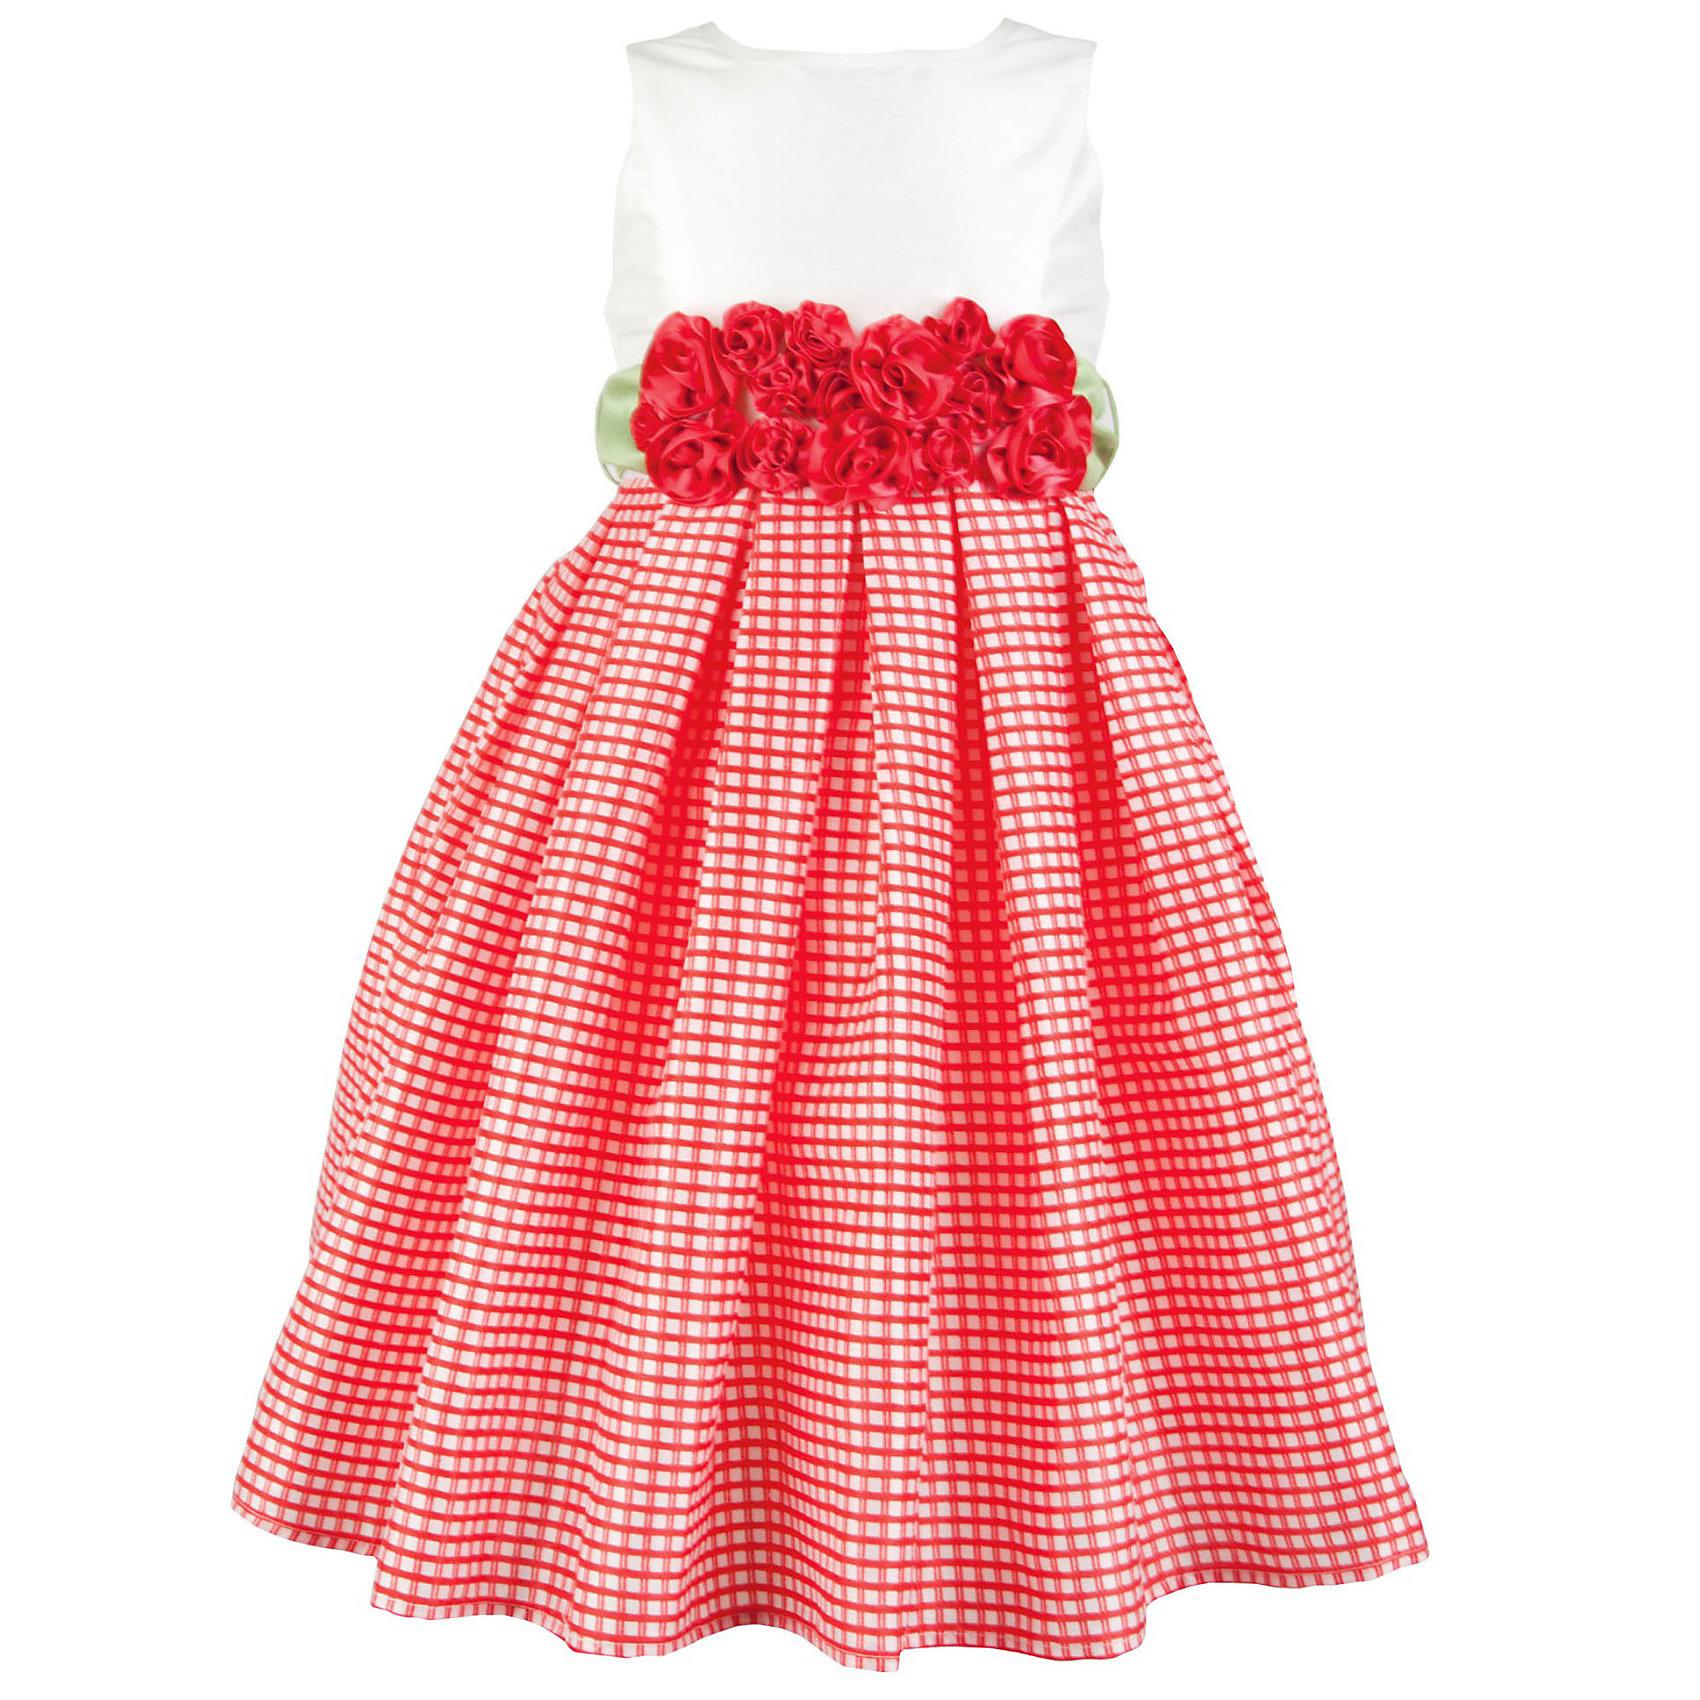 Фото платьев в гулливер